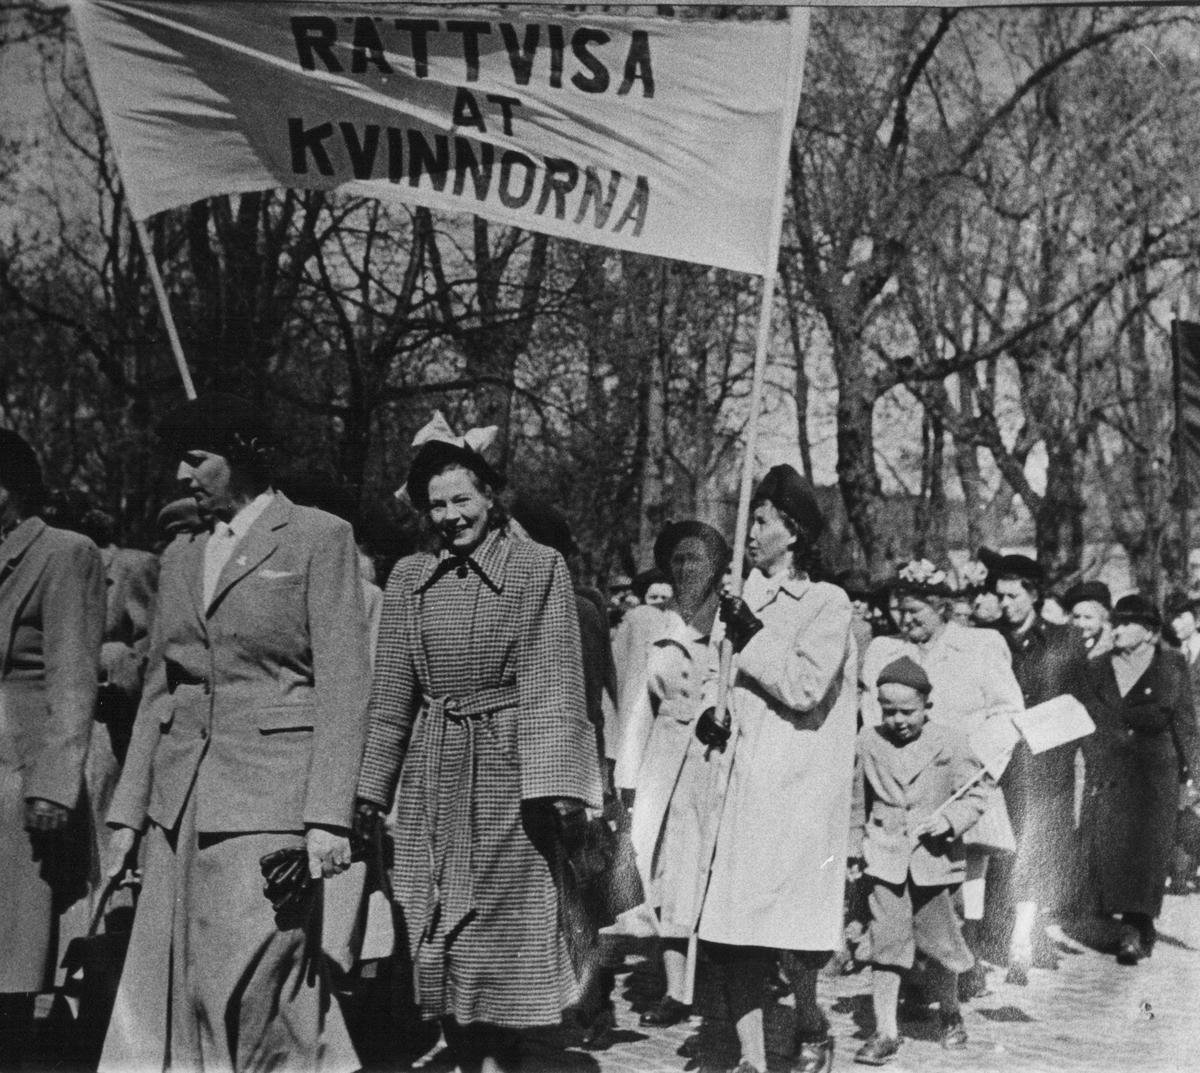 1 maj demonstration efter Malmslättsvägen. En banderoll Rättvisa åt kvinnorna.